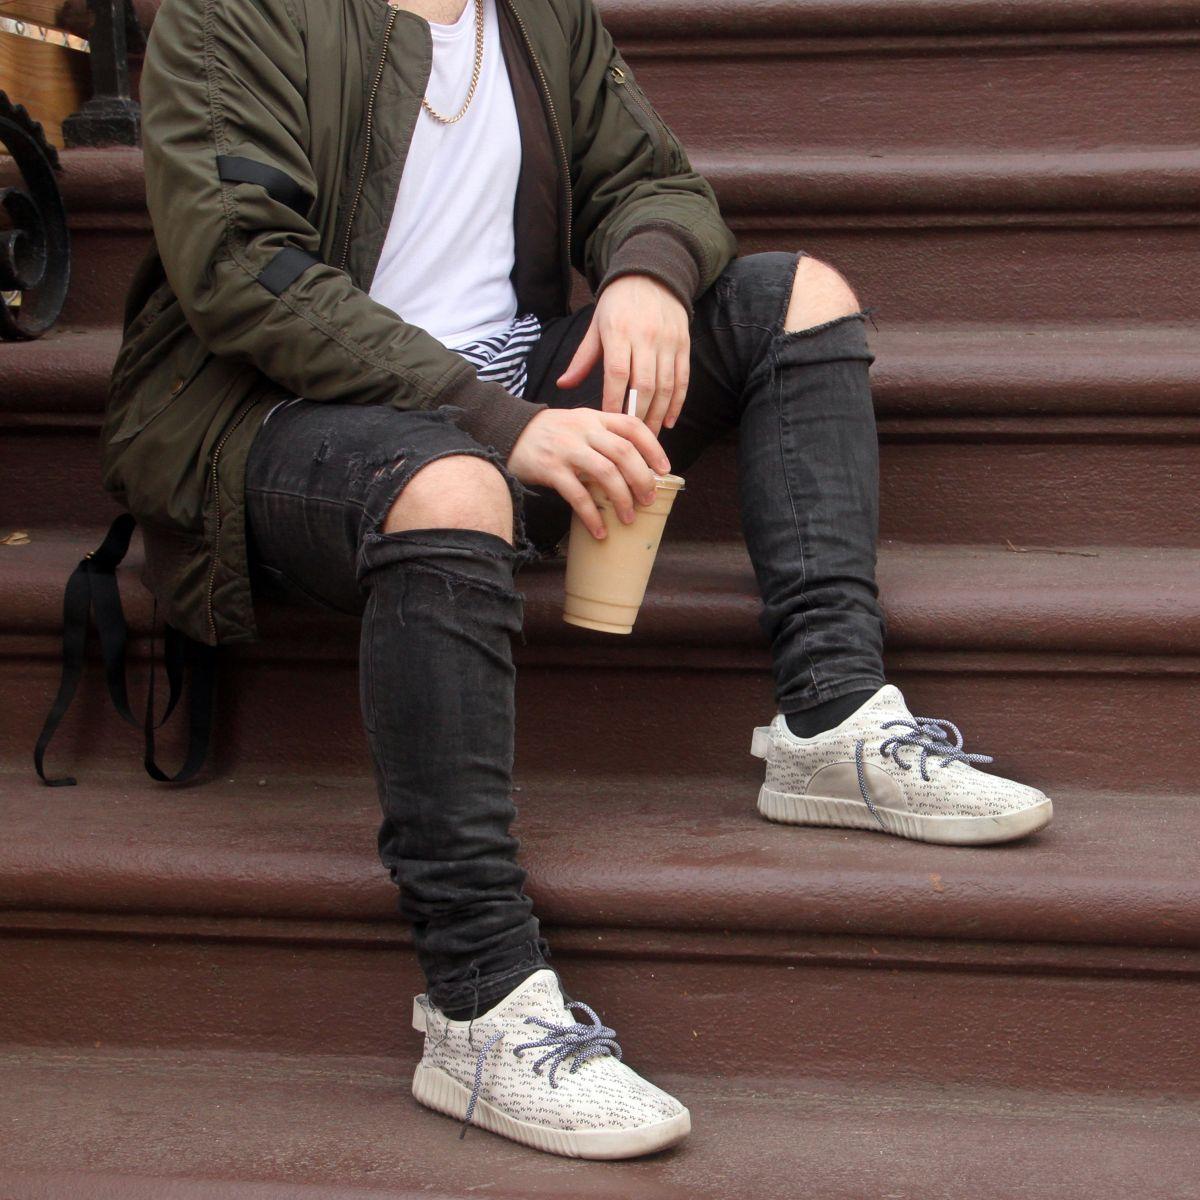 Akinek számít valamit, úgyis észreveszi, hogy kamu cipőt viselsz...